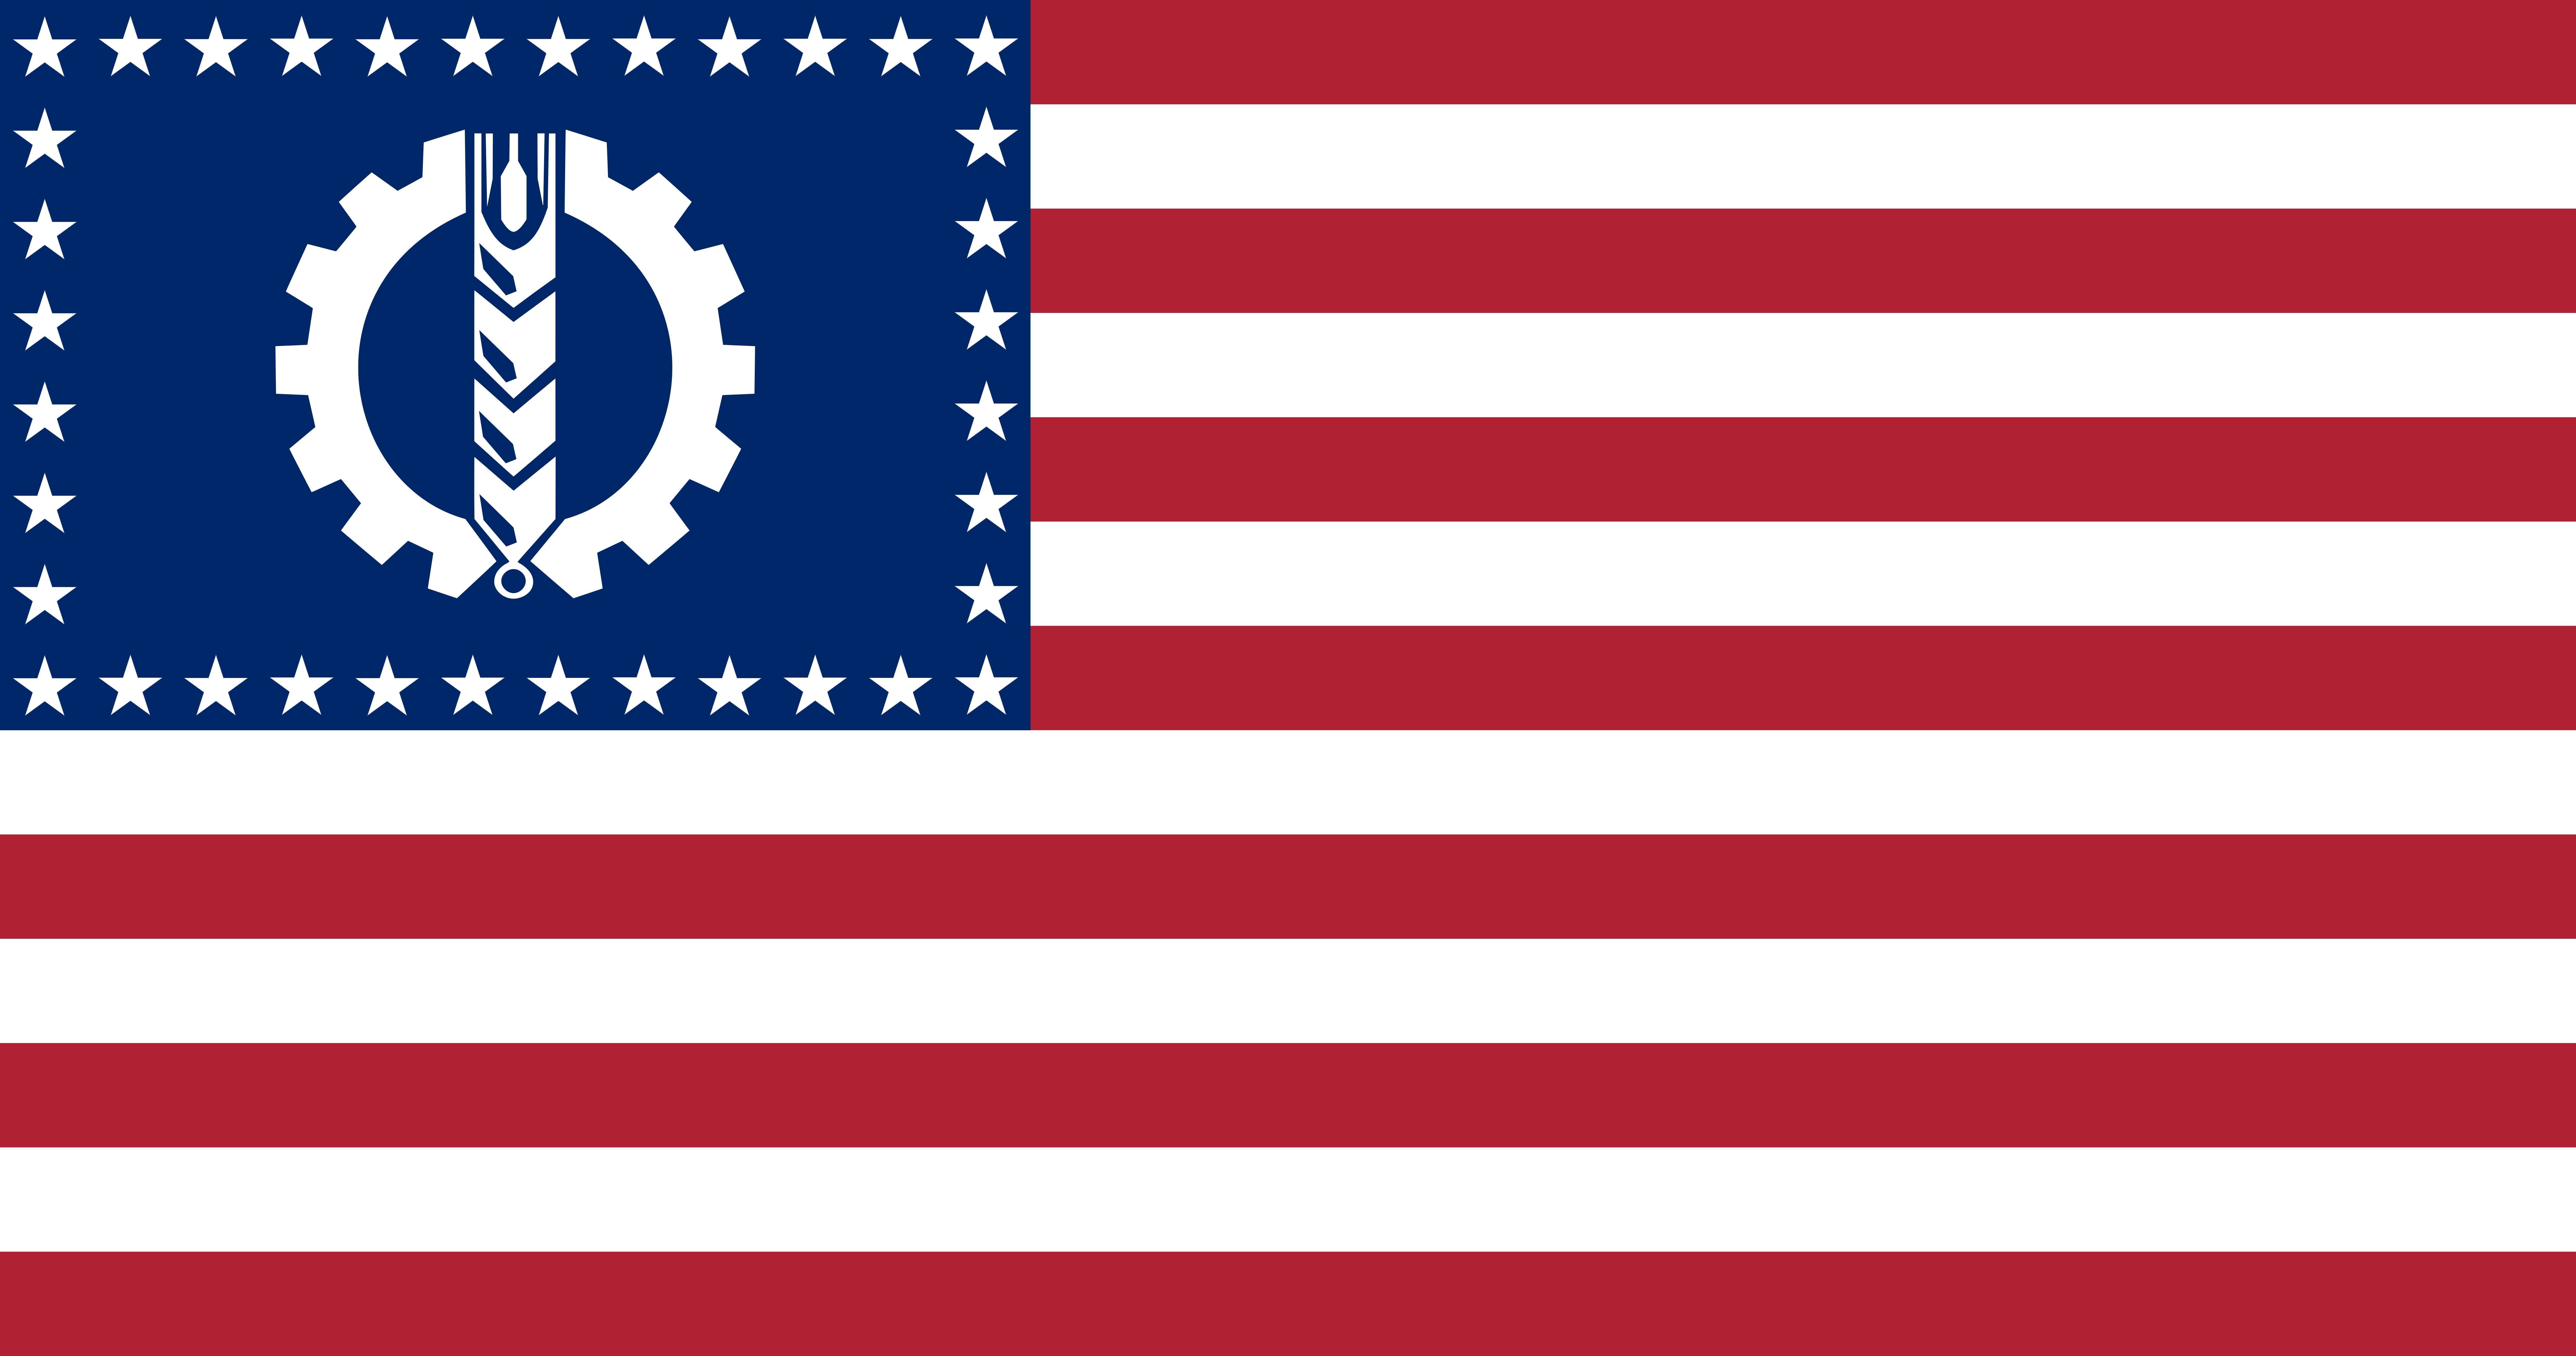 A.S.U (American Socialist Union) by achaley